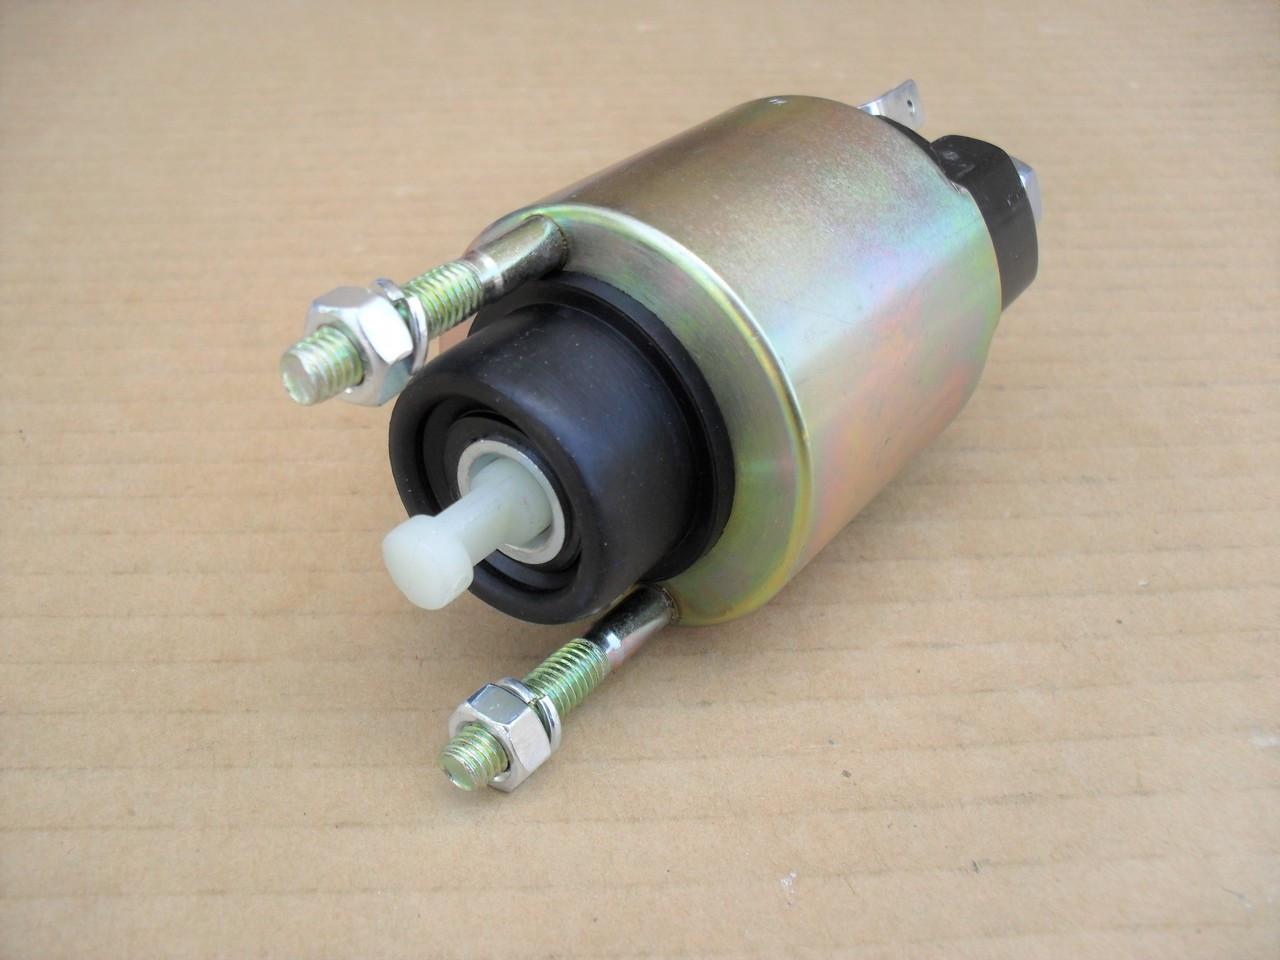 Starter Solenoid for Kawasaki FH721V, FS730V, FX481V to FX921V, FXT00V, 270102122, 270107005, 27010-2122, 27010-7005